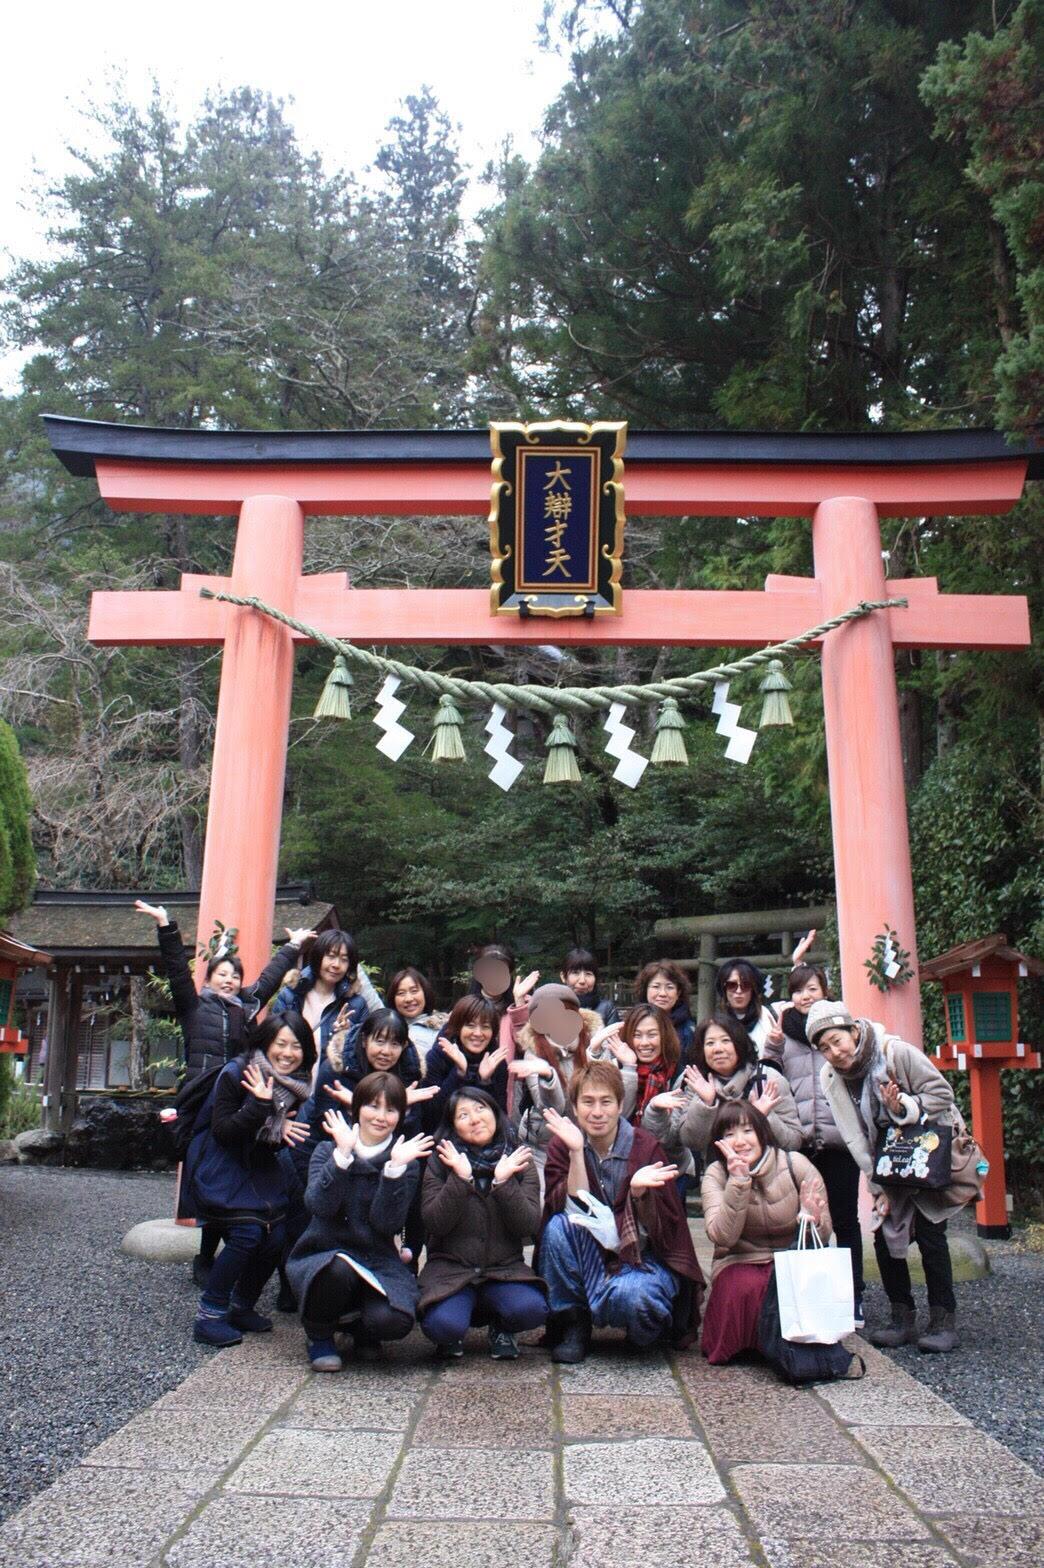 SHINGOの天河神社ツアー